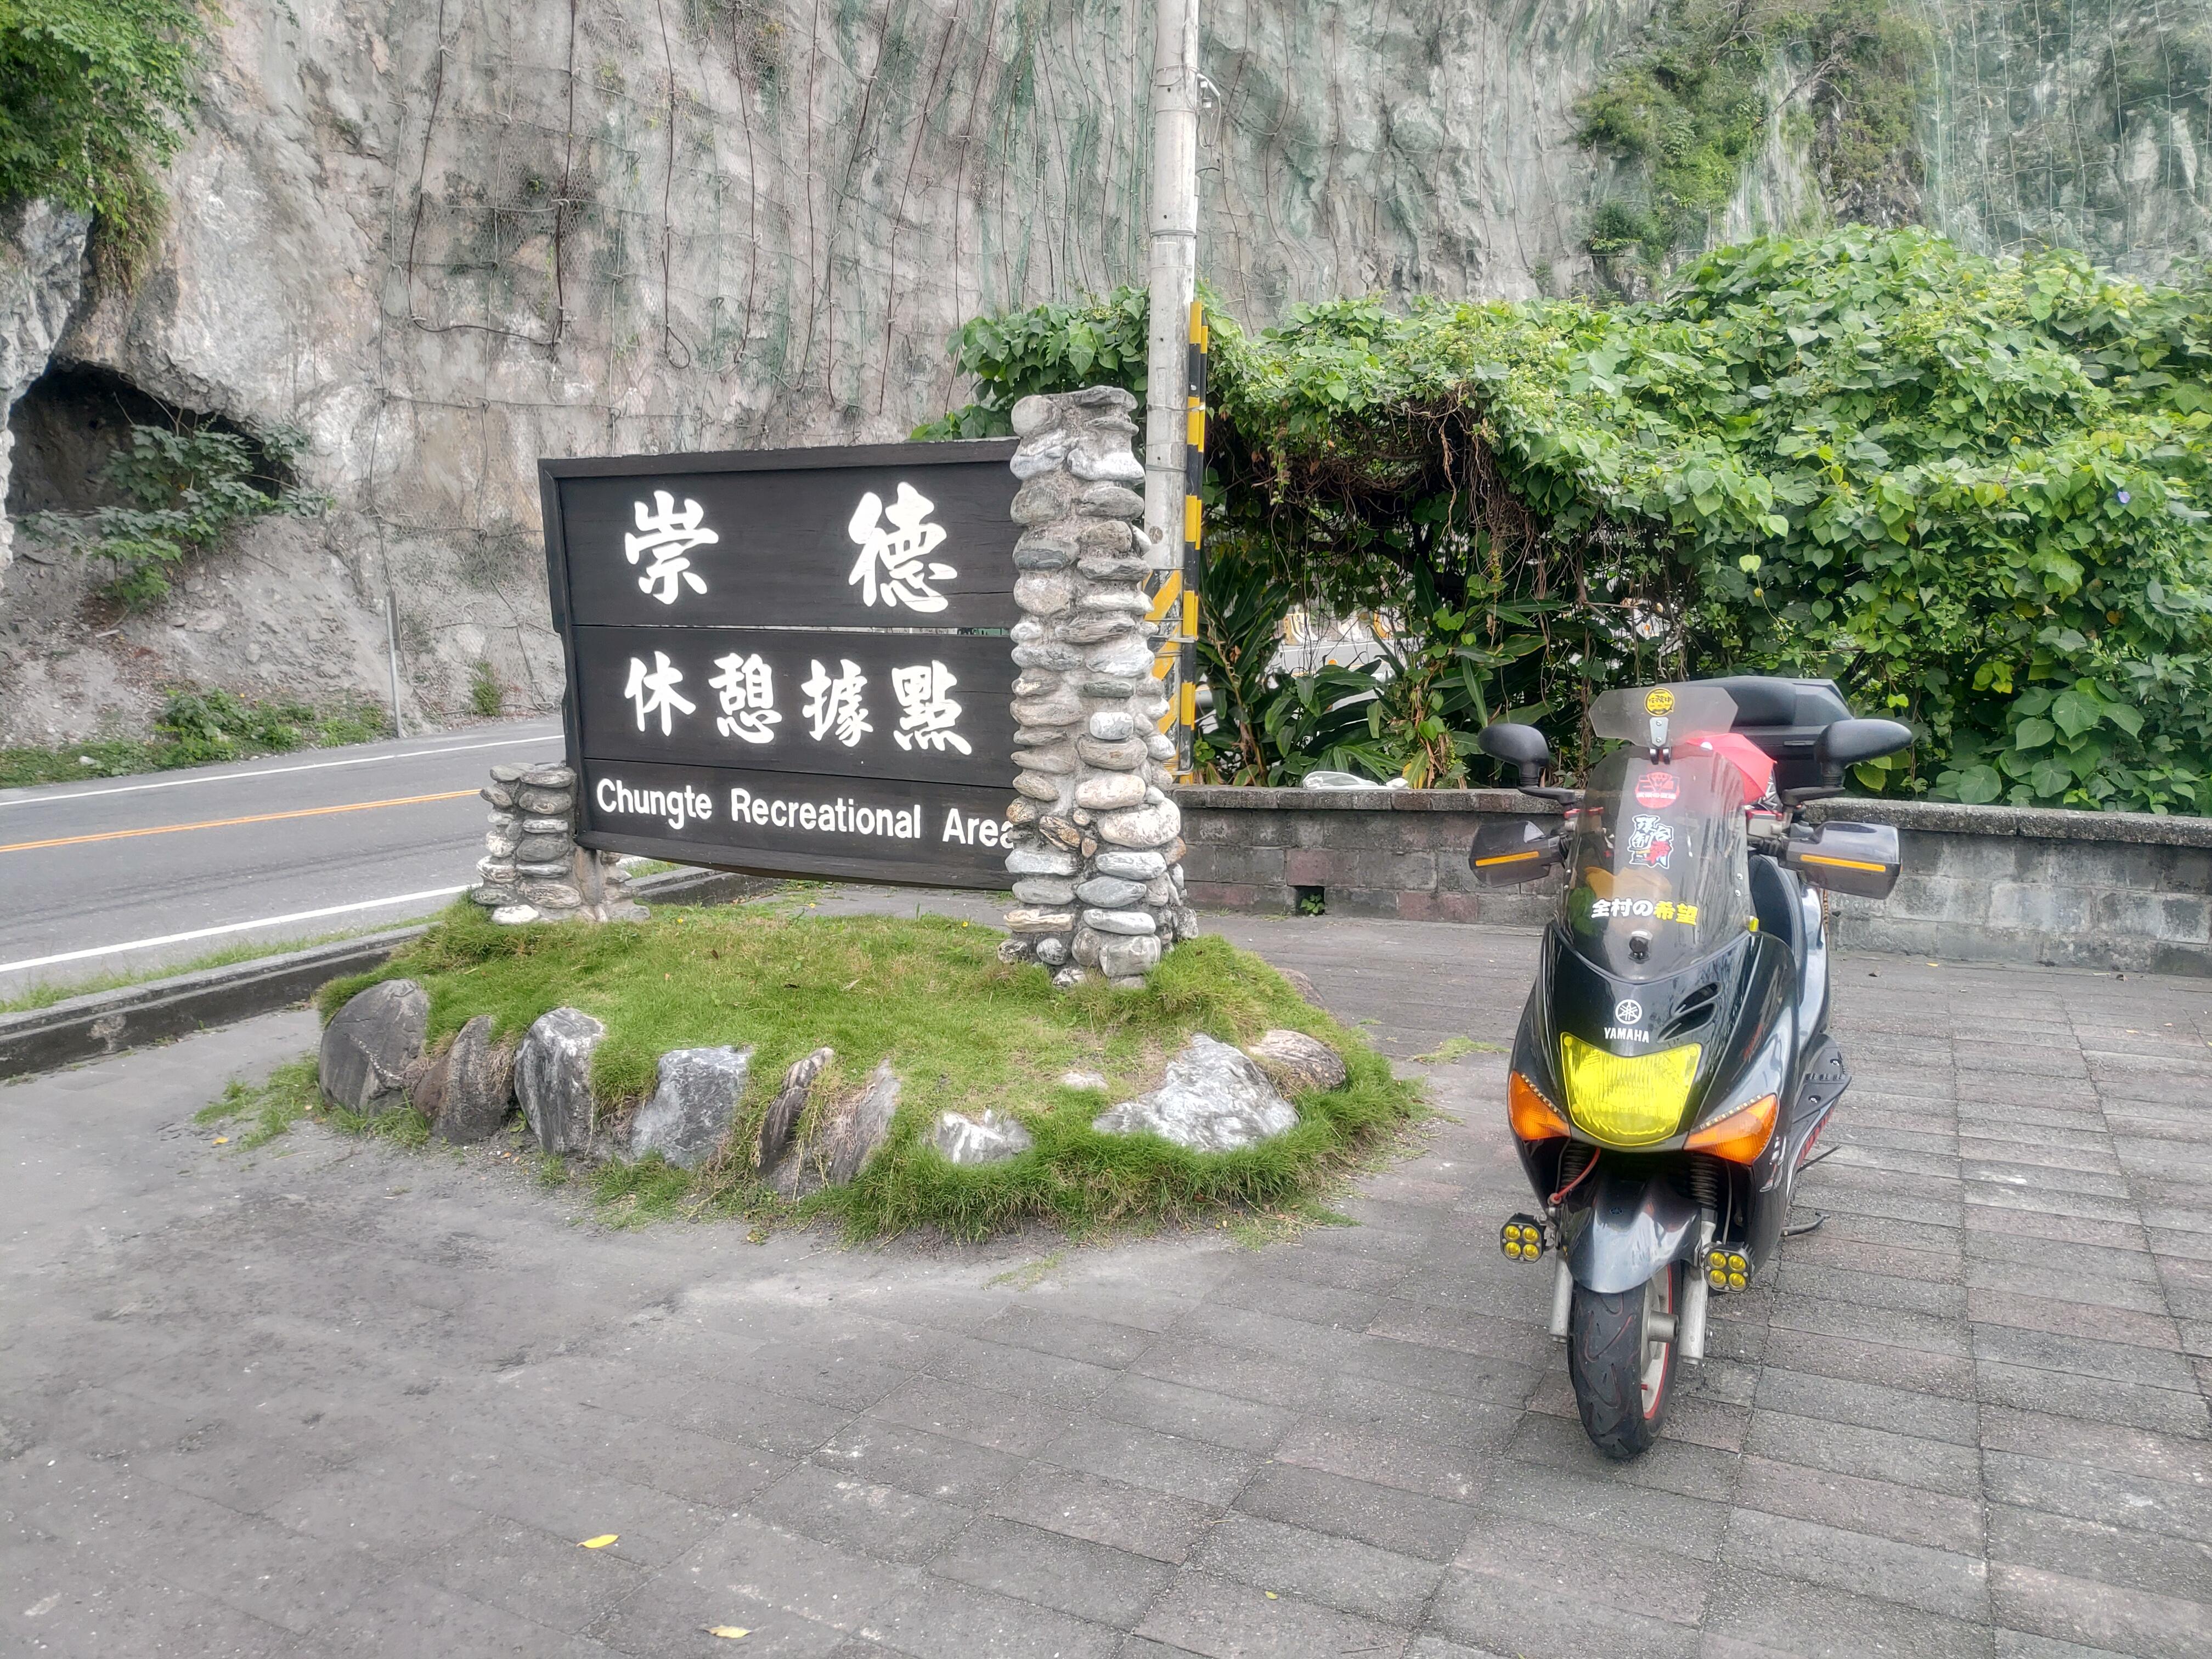 5th 走!去騎摩托車吧!六天五夜山海奇行環島之旅5498